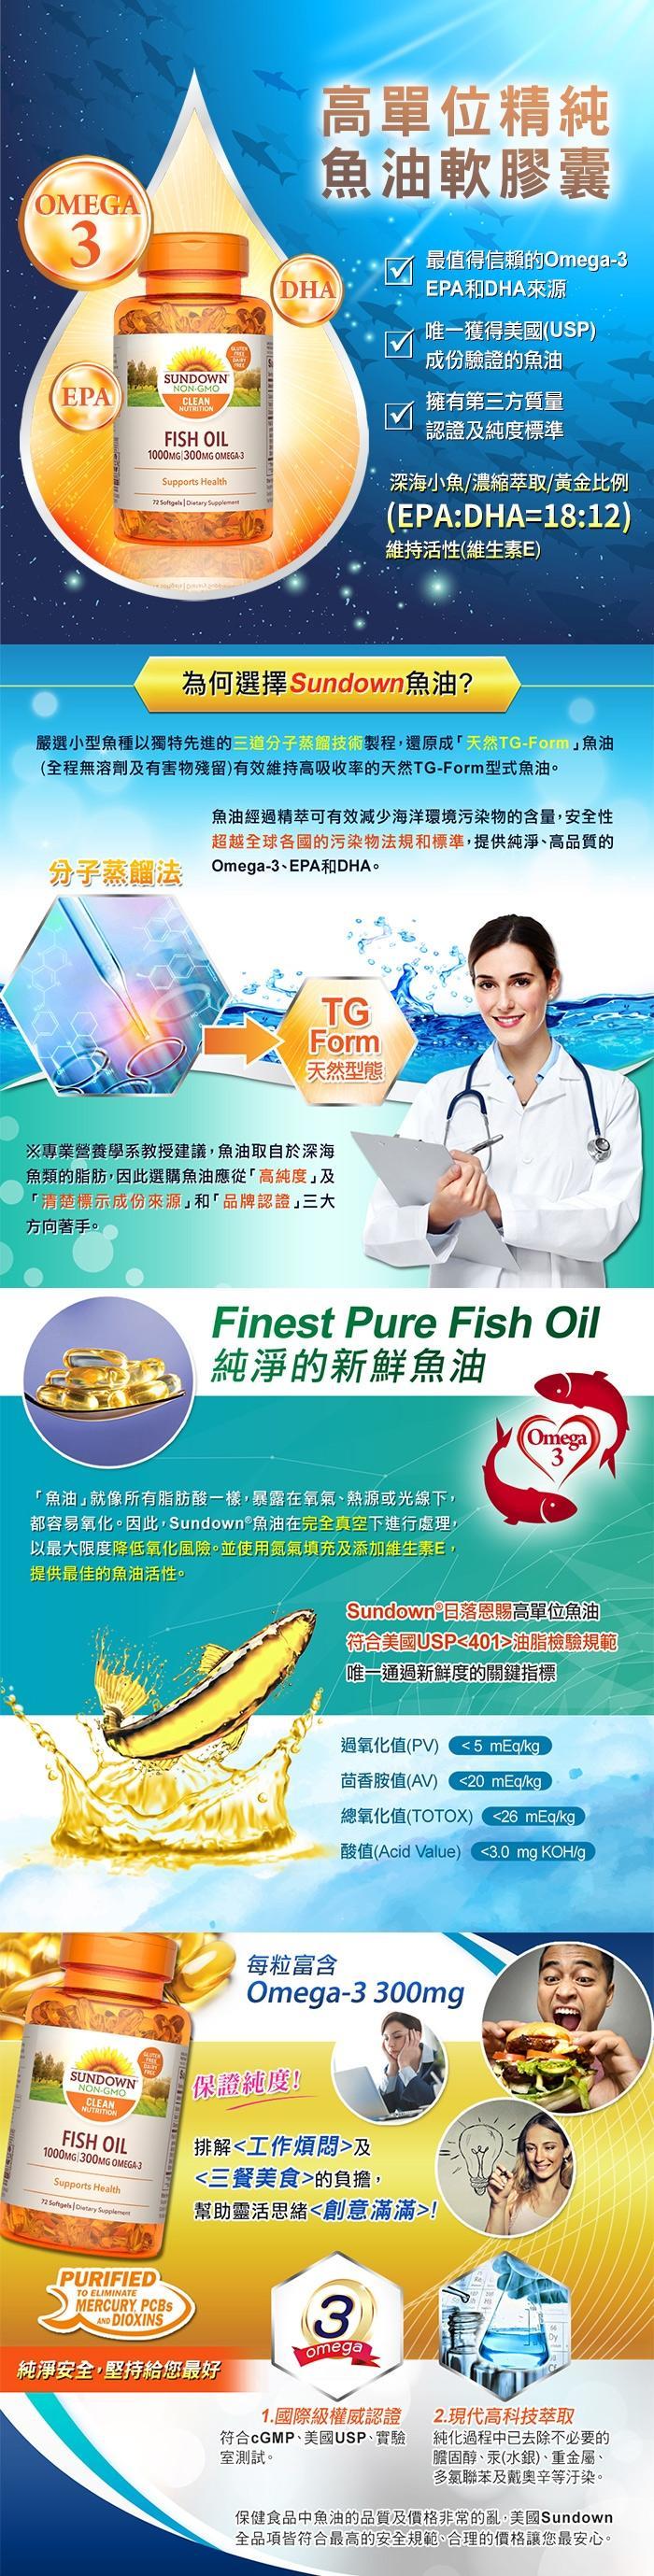 Sundown日落恩賜-高單位精純魚油膠囊食品(72粒X3瓶)優惠組產品資訊